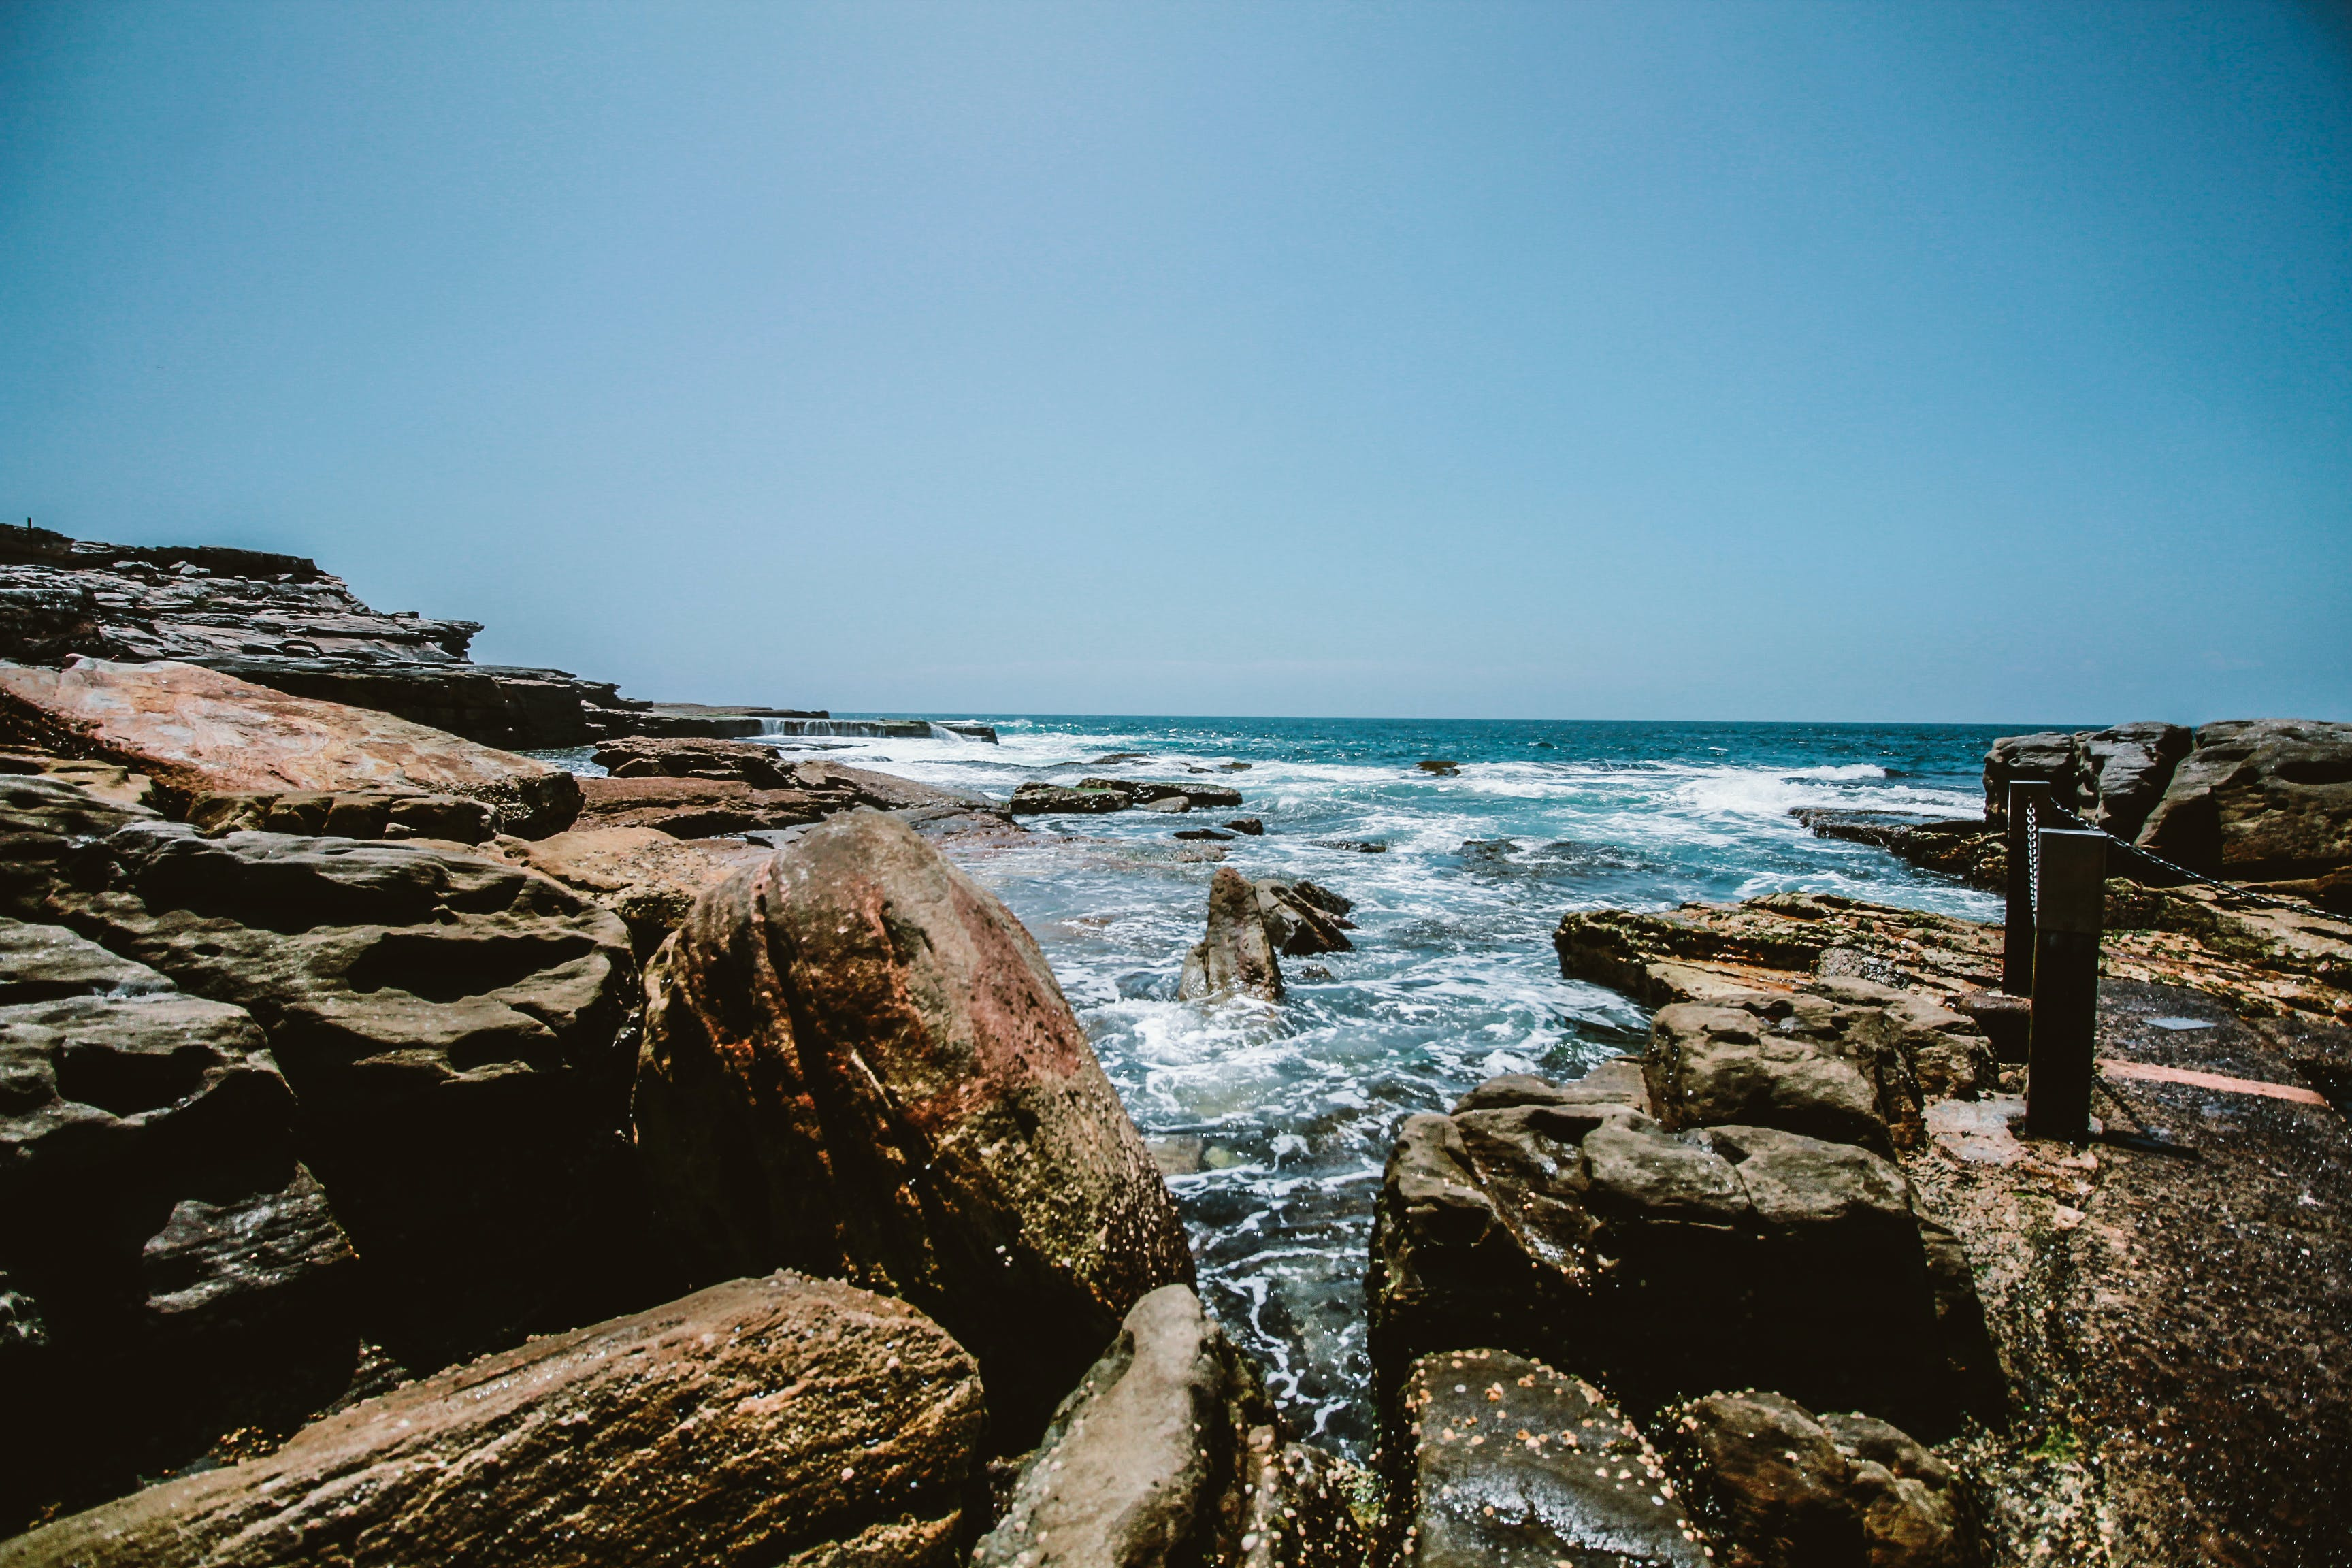 Rocks Near By The Ocean